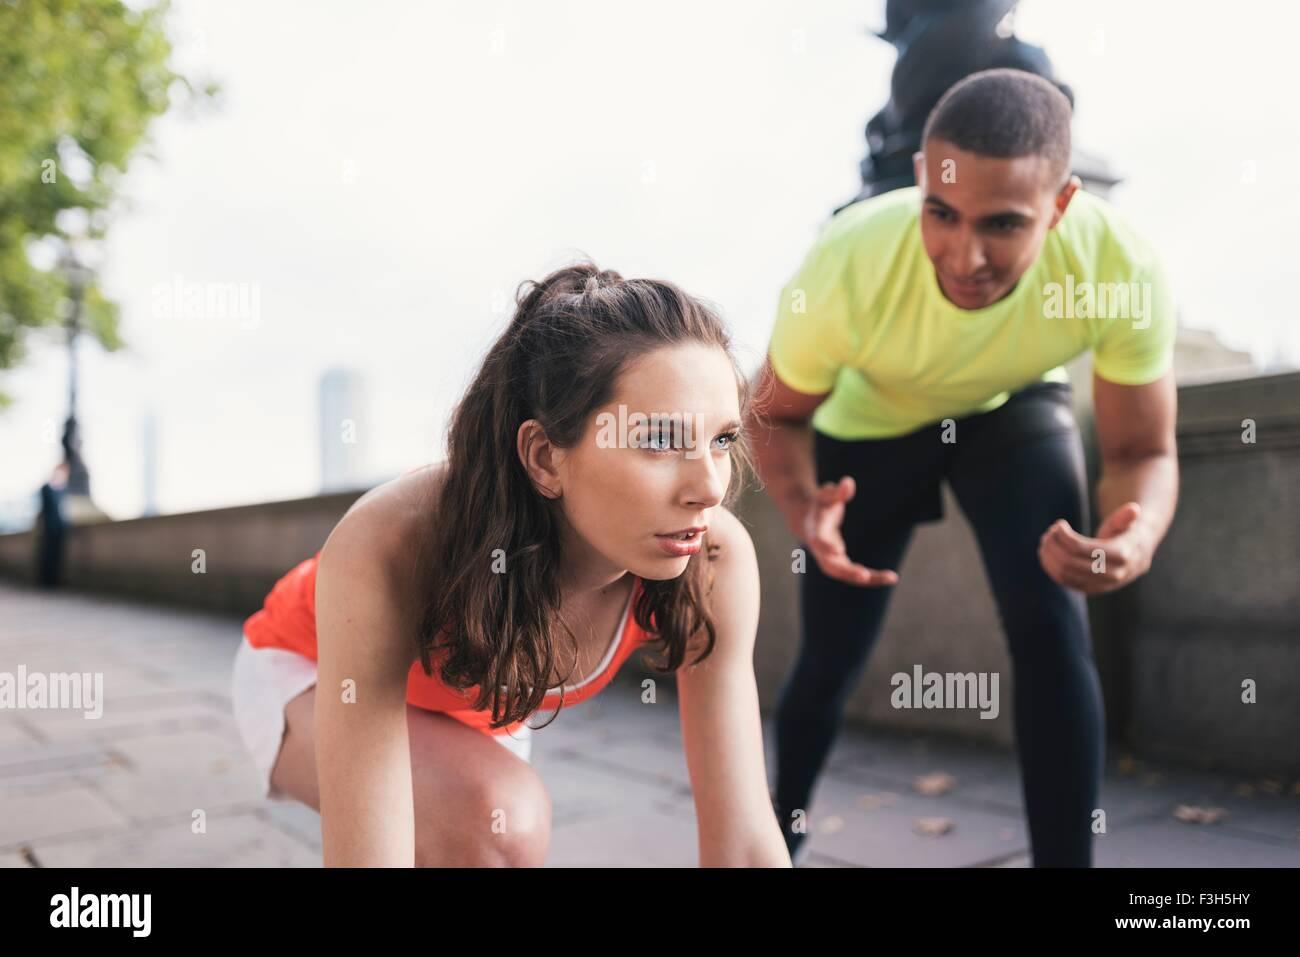 Formador de jóvenes machos alentador corredoras en riverbank Imagen De Stock